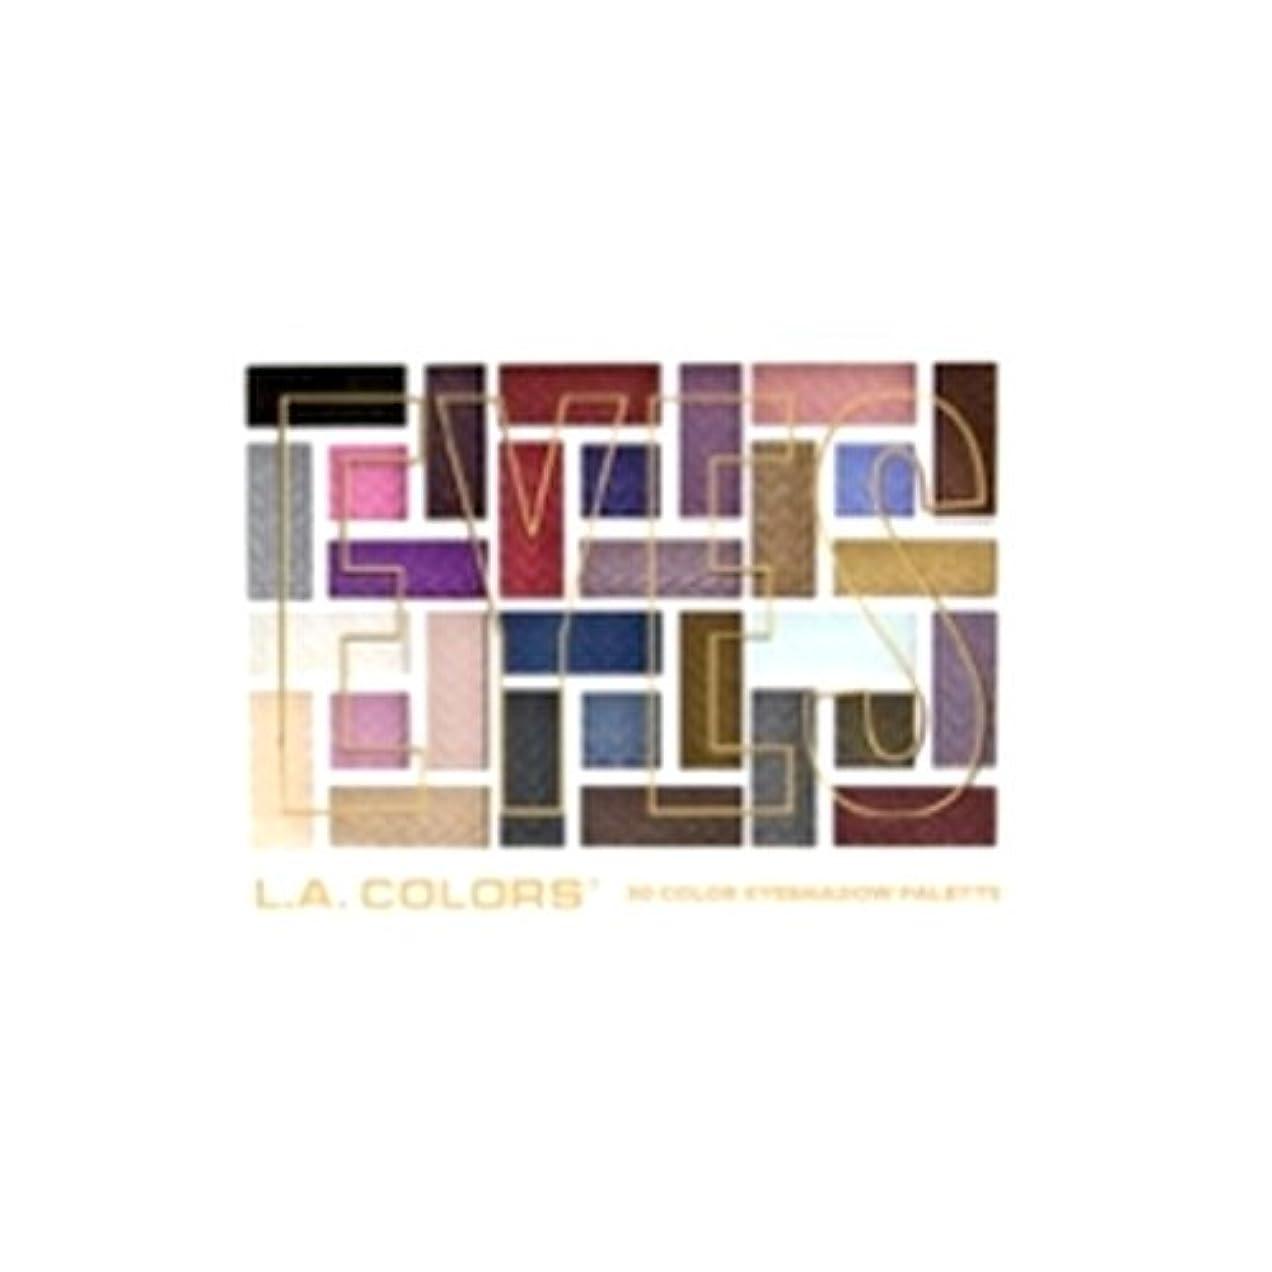 ブロックするユニークな見てL.A. COLORS 30 Color Eyeshadow Palette - Back To Basics (並行輸入品)